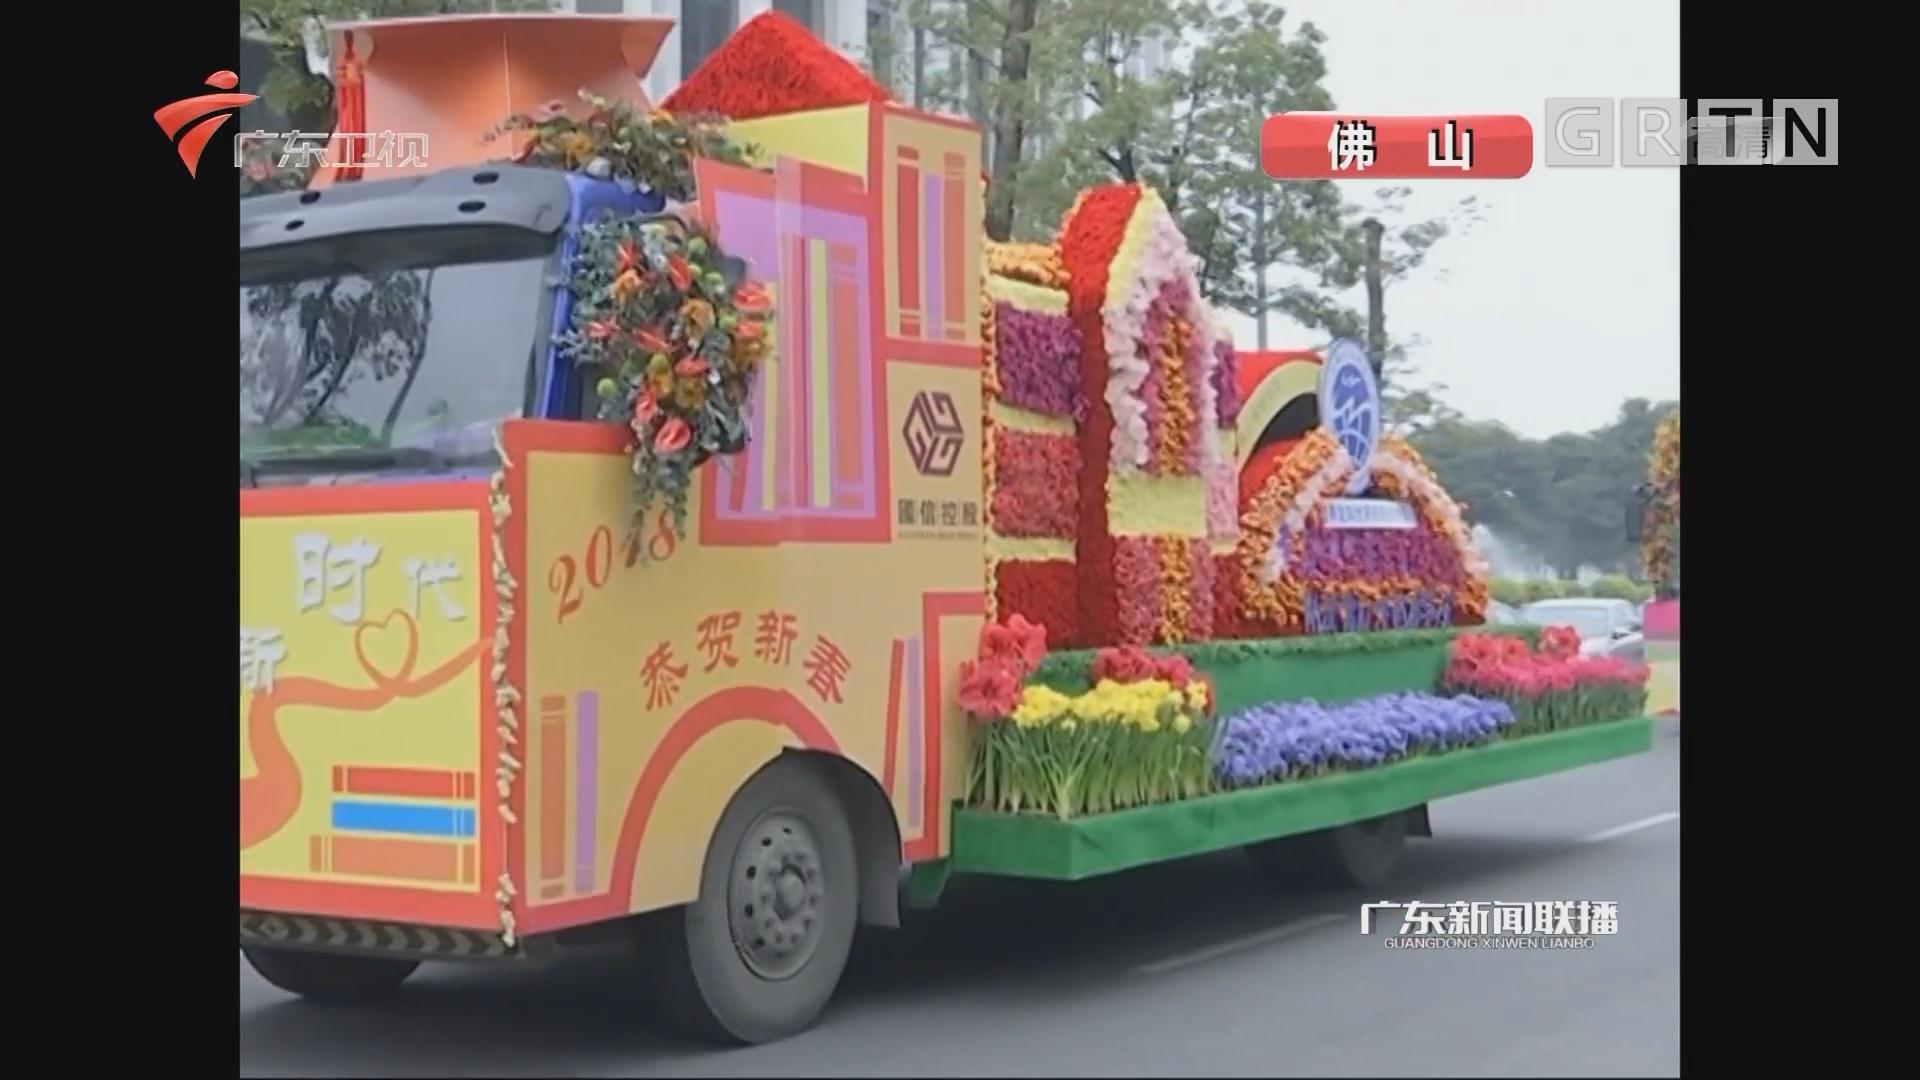 逛庙会 看花灯 花车巡游 广东各地欢乐过大年